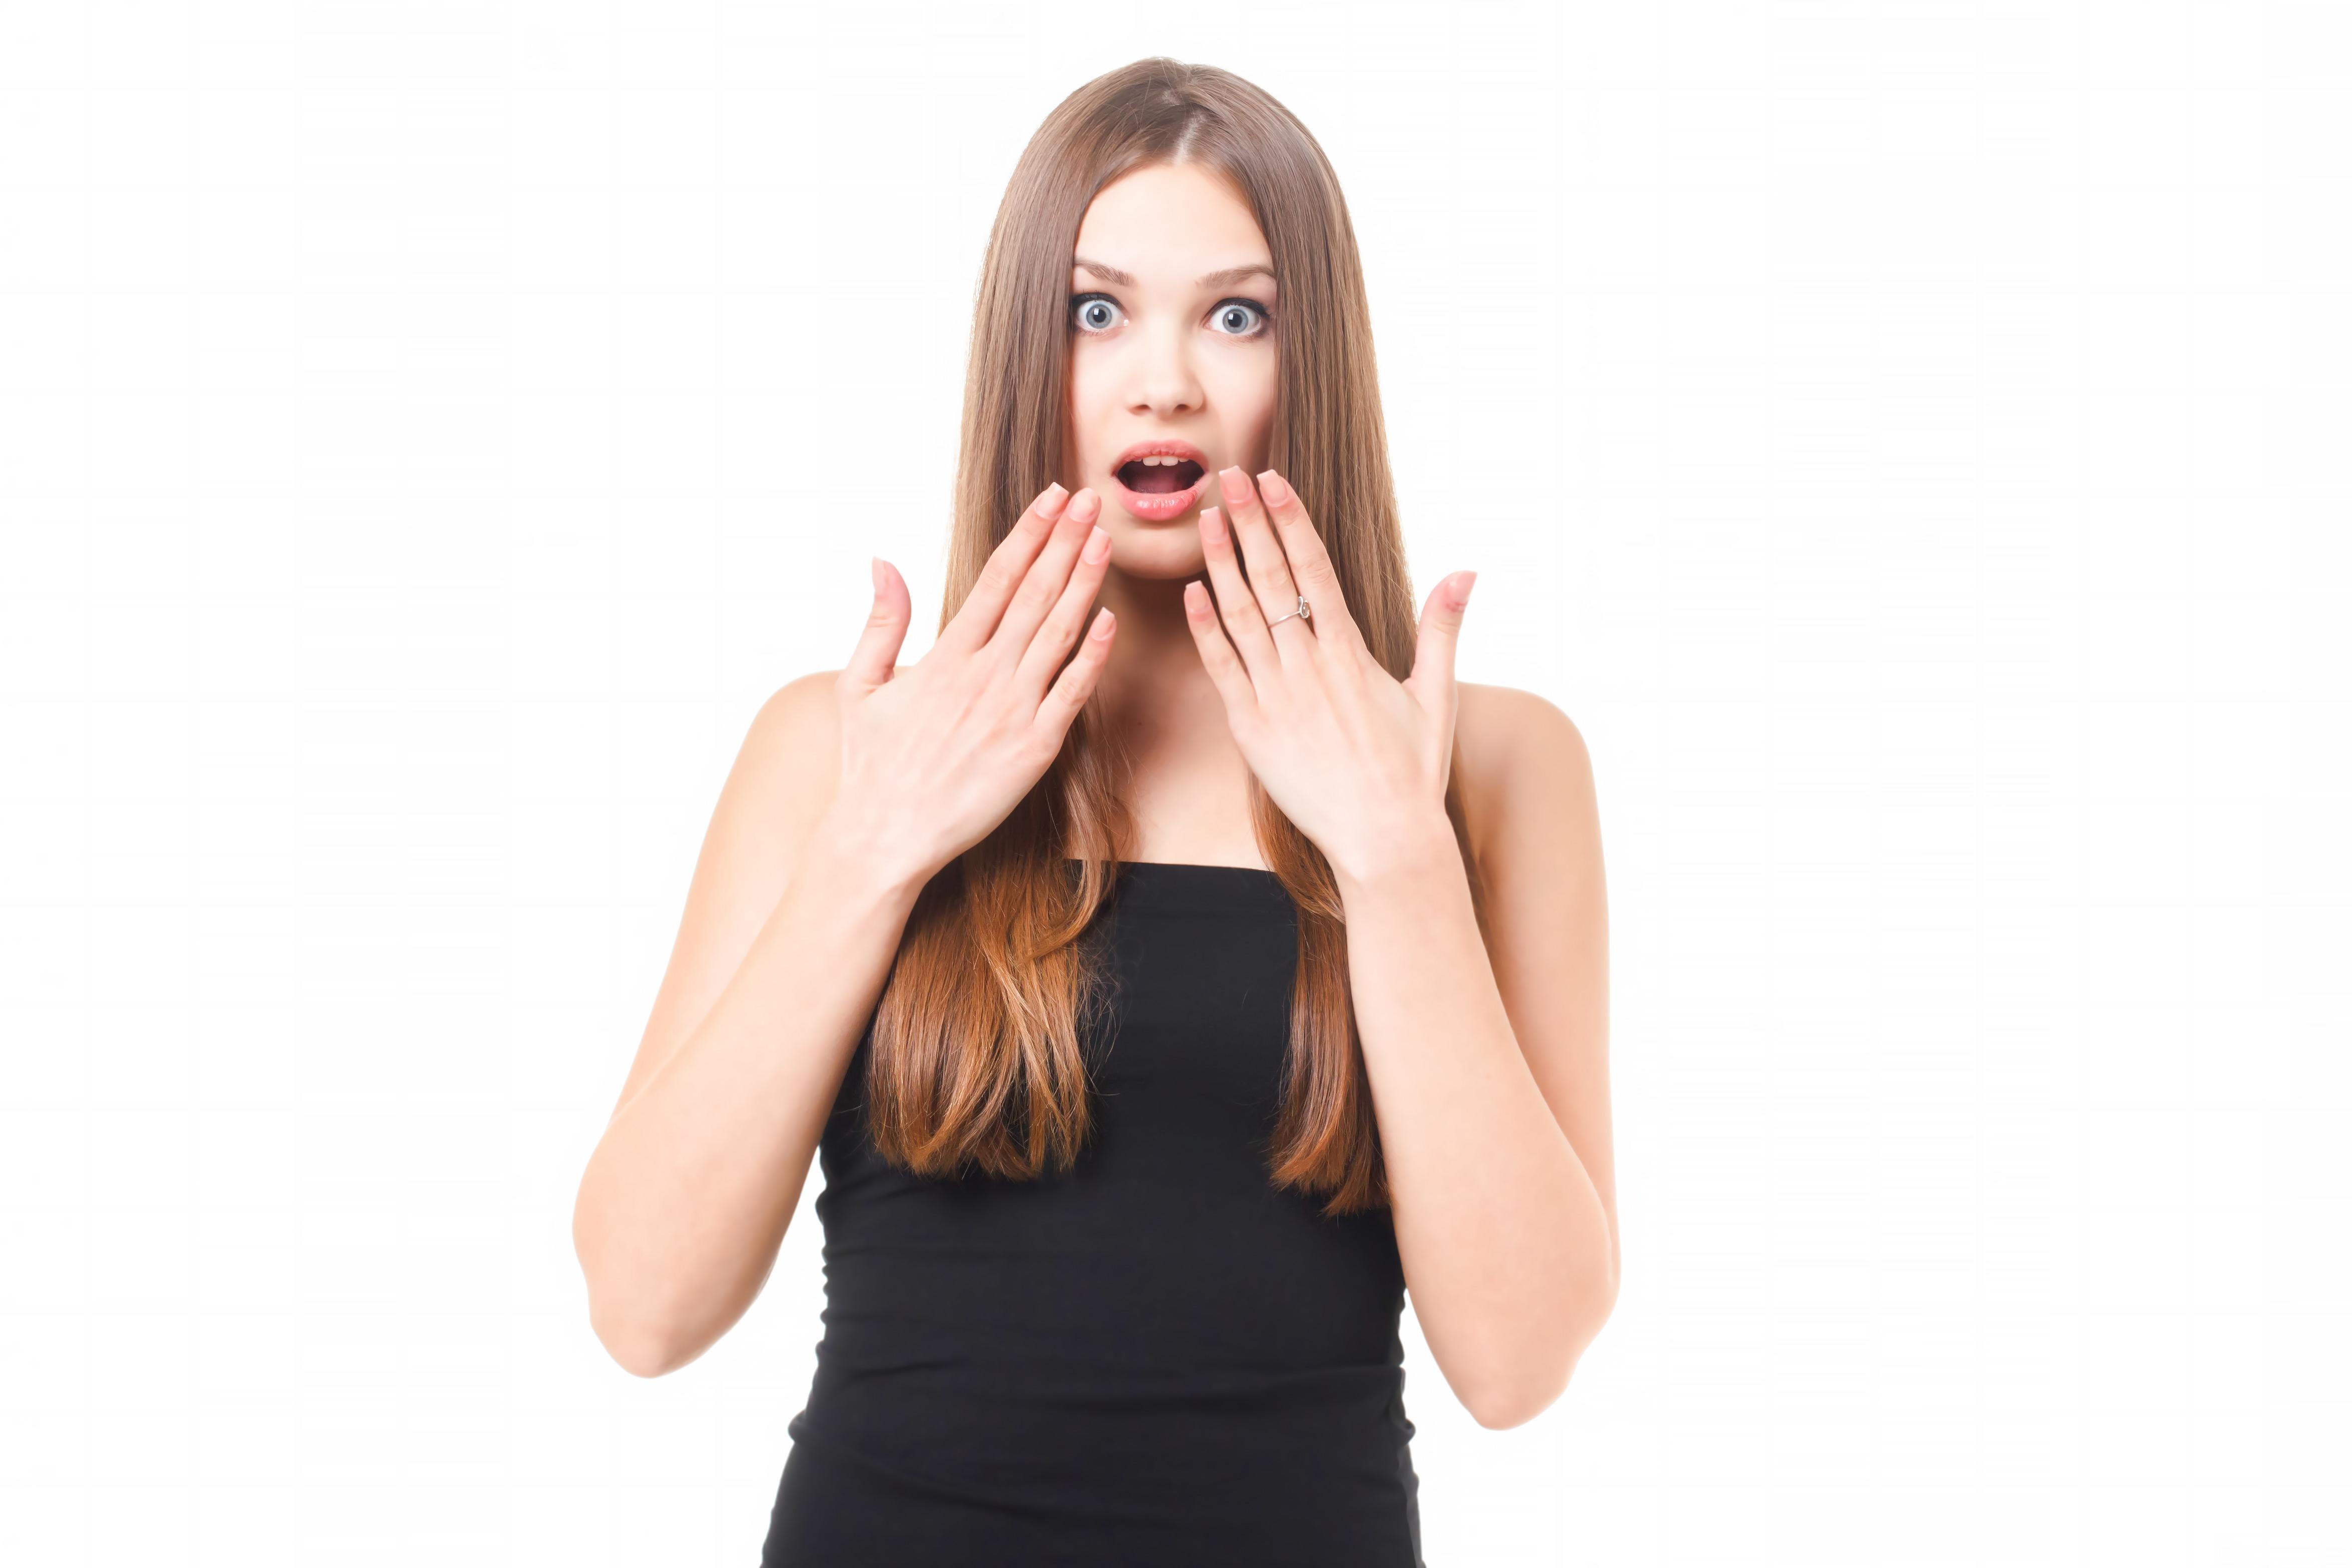 ドットゼロパーフェクトゲル本音の口コミ評判を調査!実践レビューで効果を検証